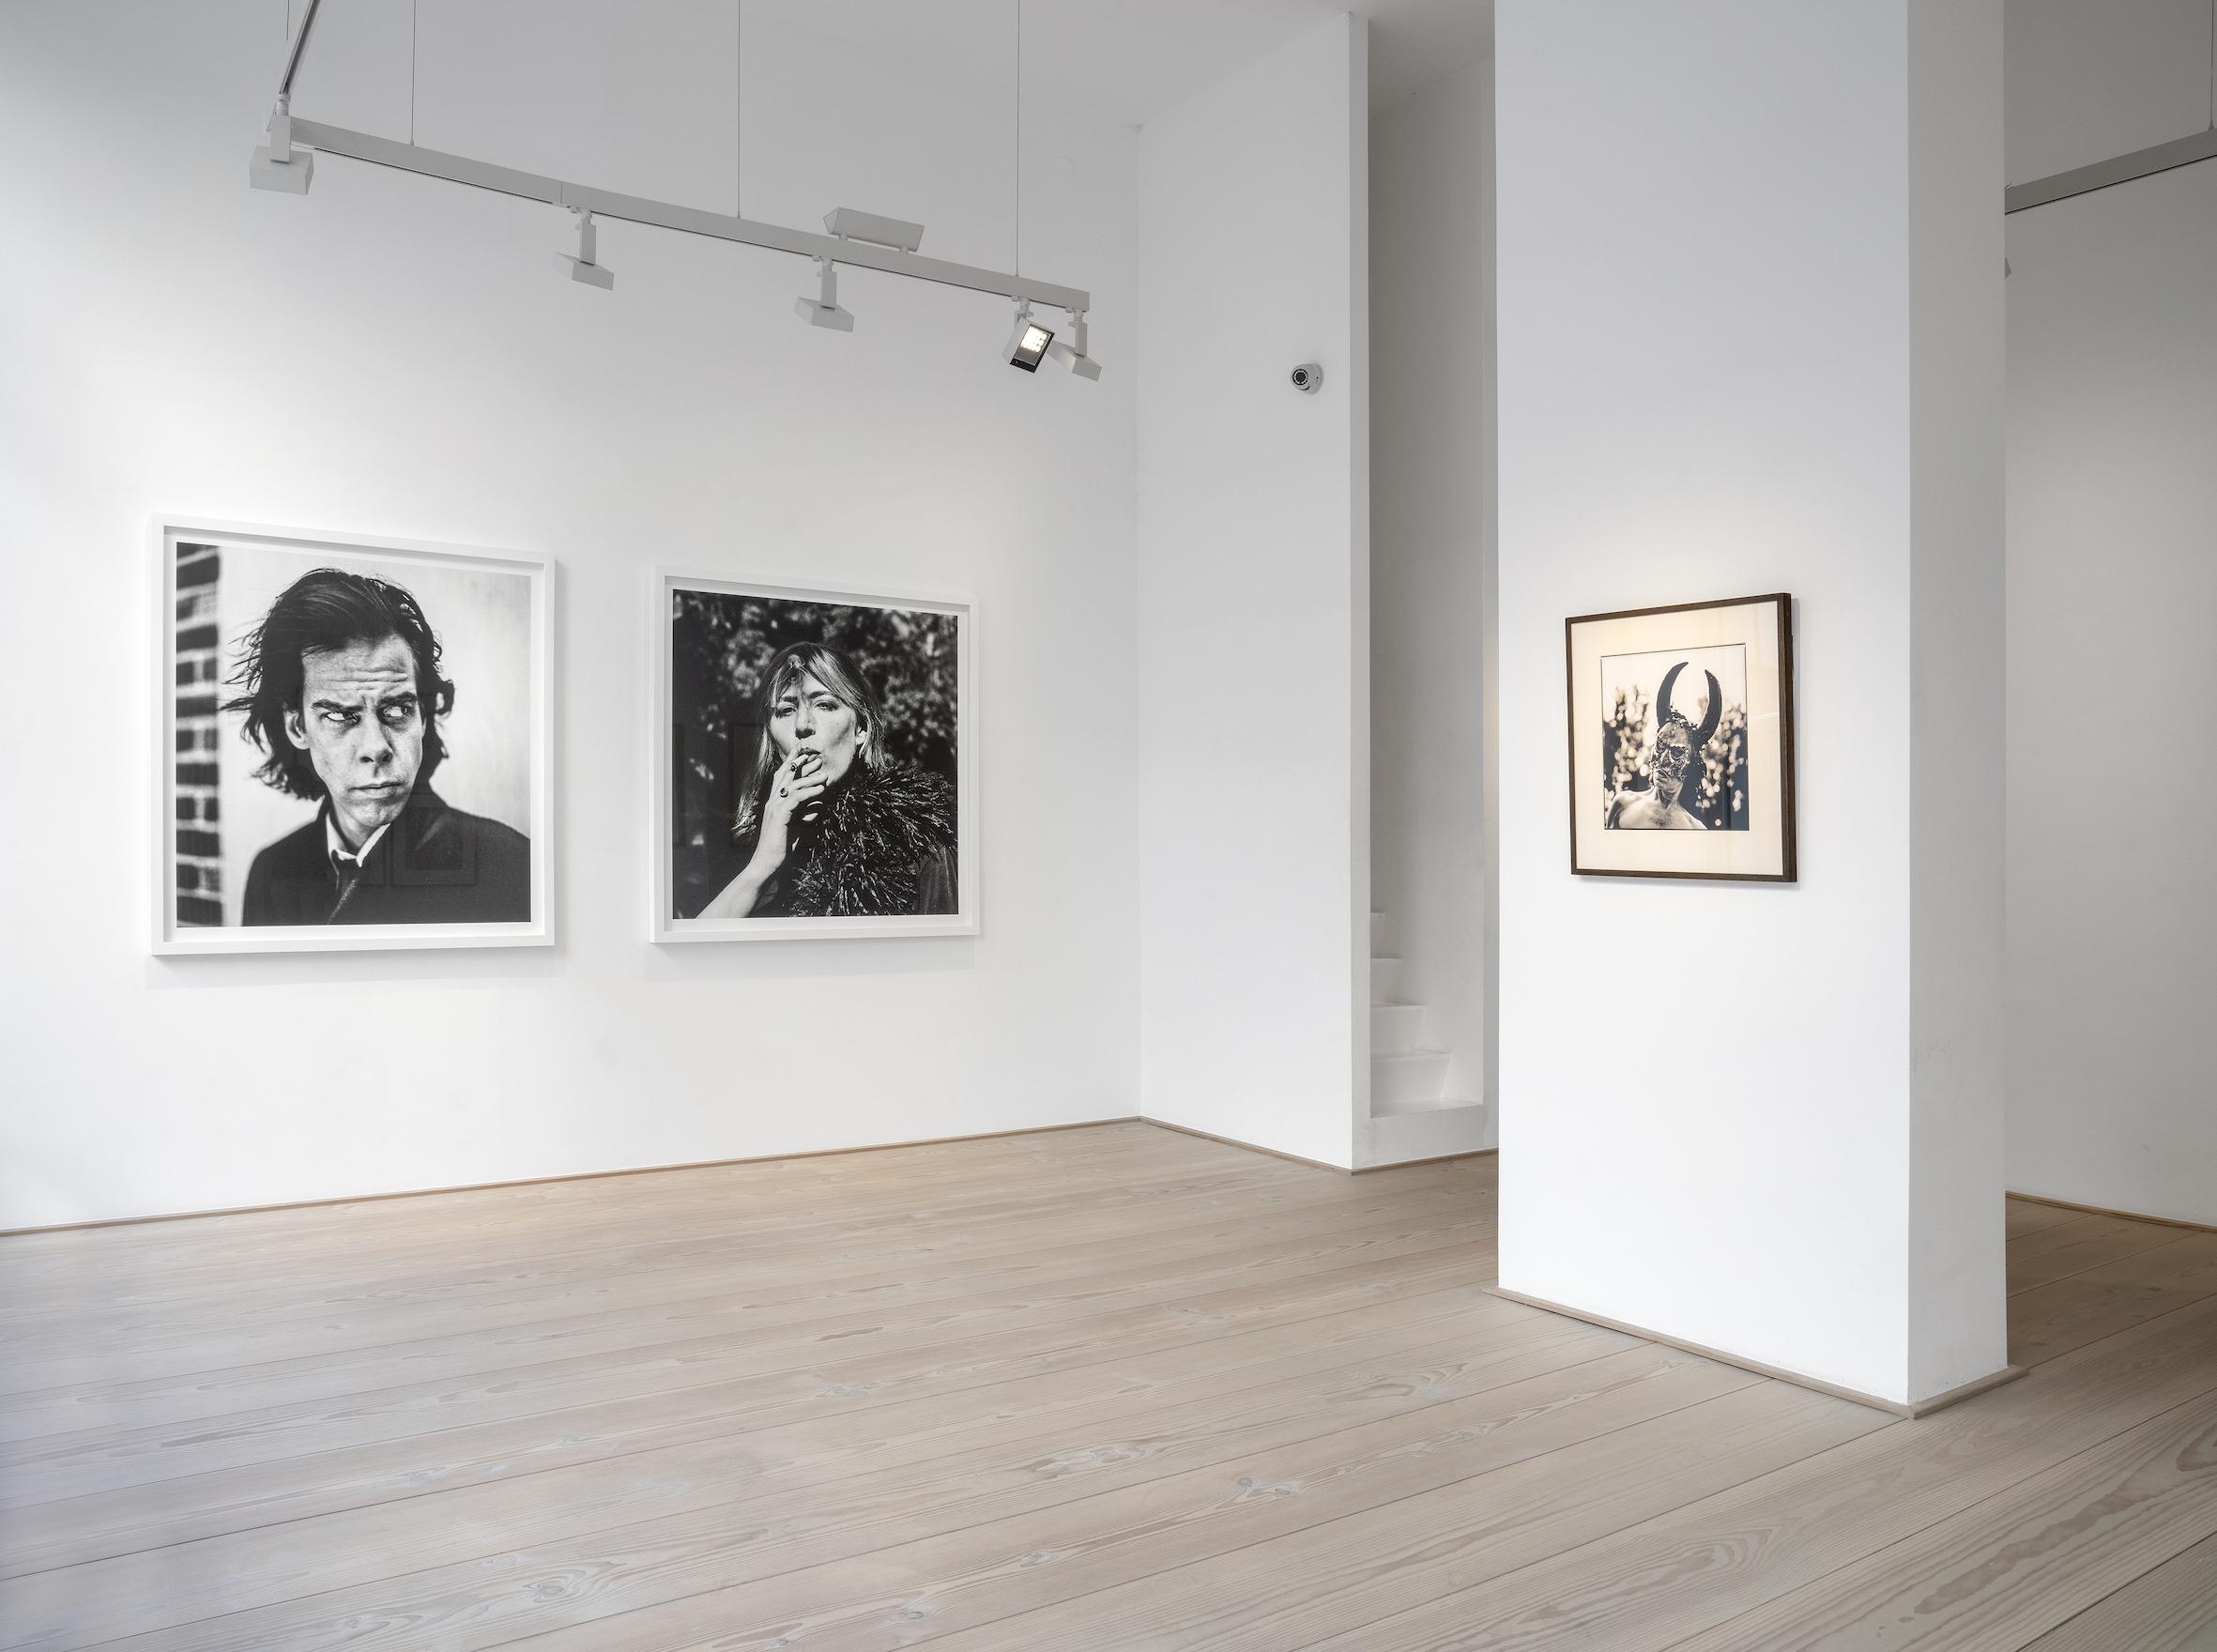 Anton Corbijn kiállítás az Anita Beckers Galériában. Enteriőrkép. 2020.